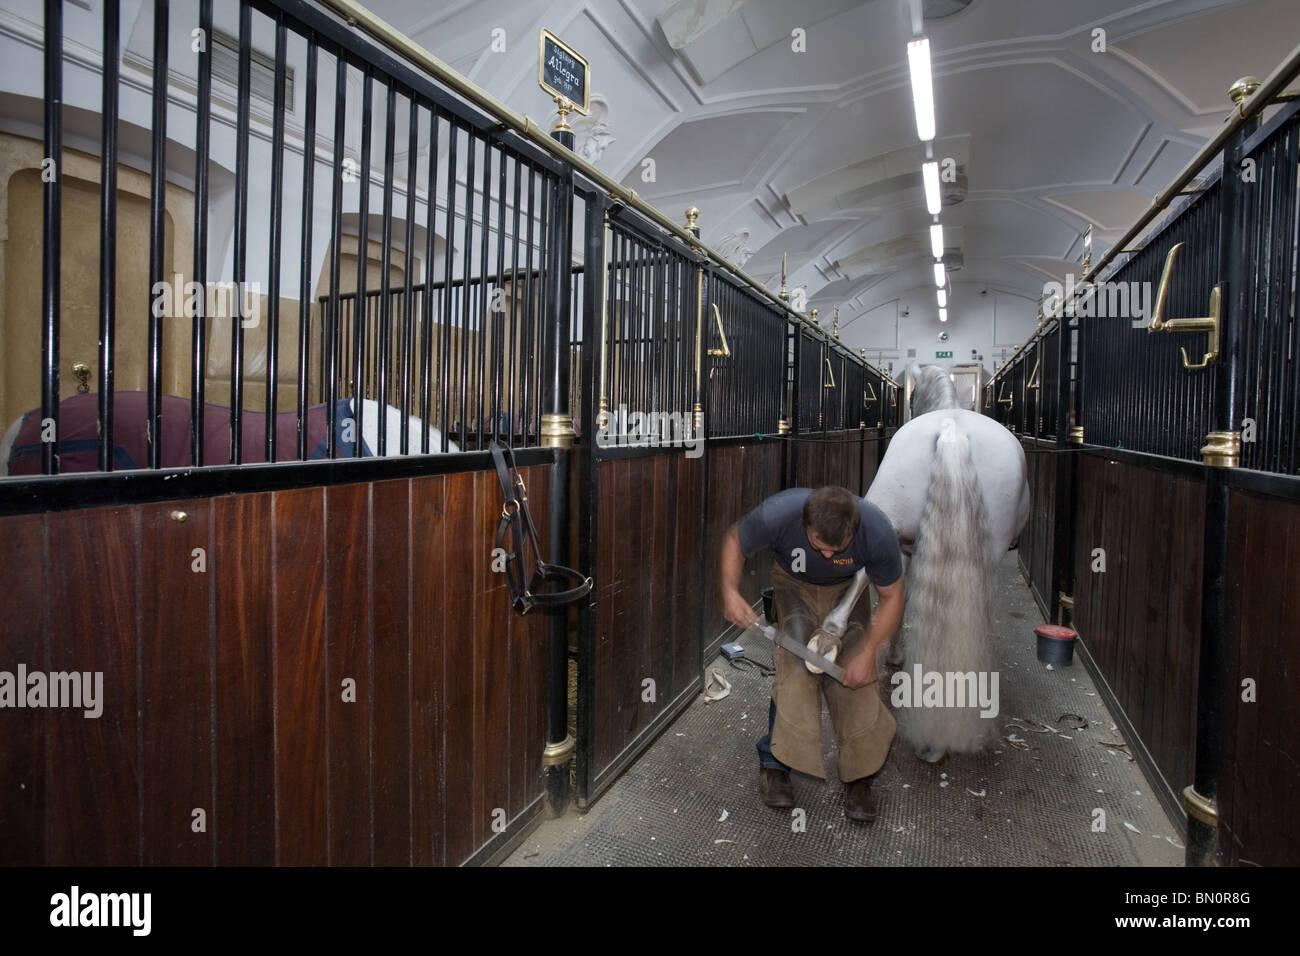 La Scuola Spagnola di equitazione maneggio a Vienna, Austria Immagini Stock